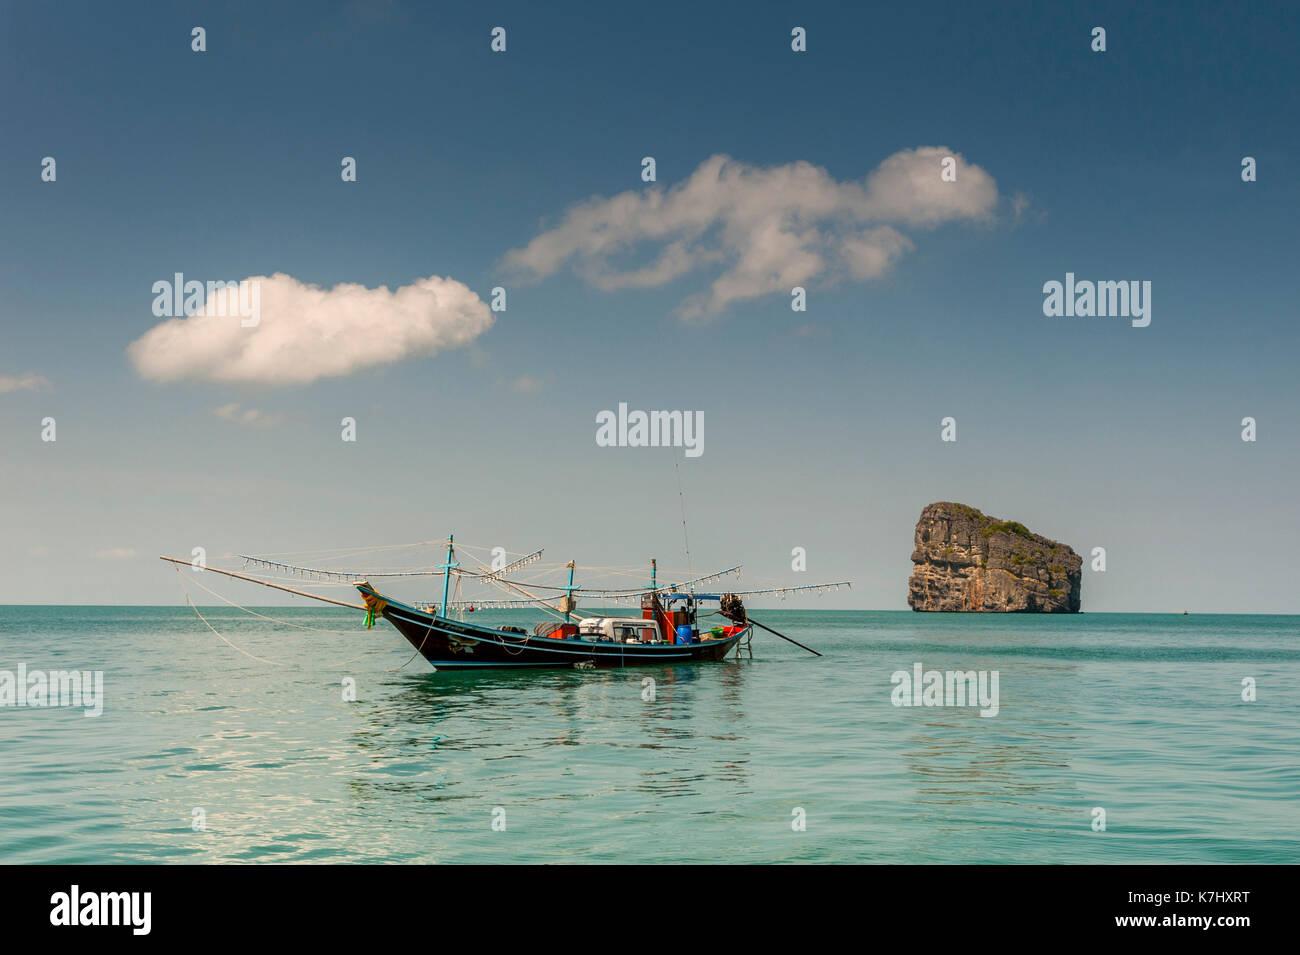 Fishing boat, Ang Thong Marine National Park, Thailand - Stock Image